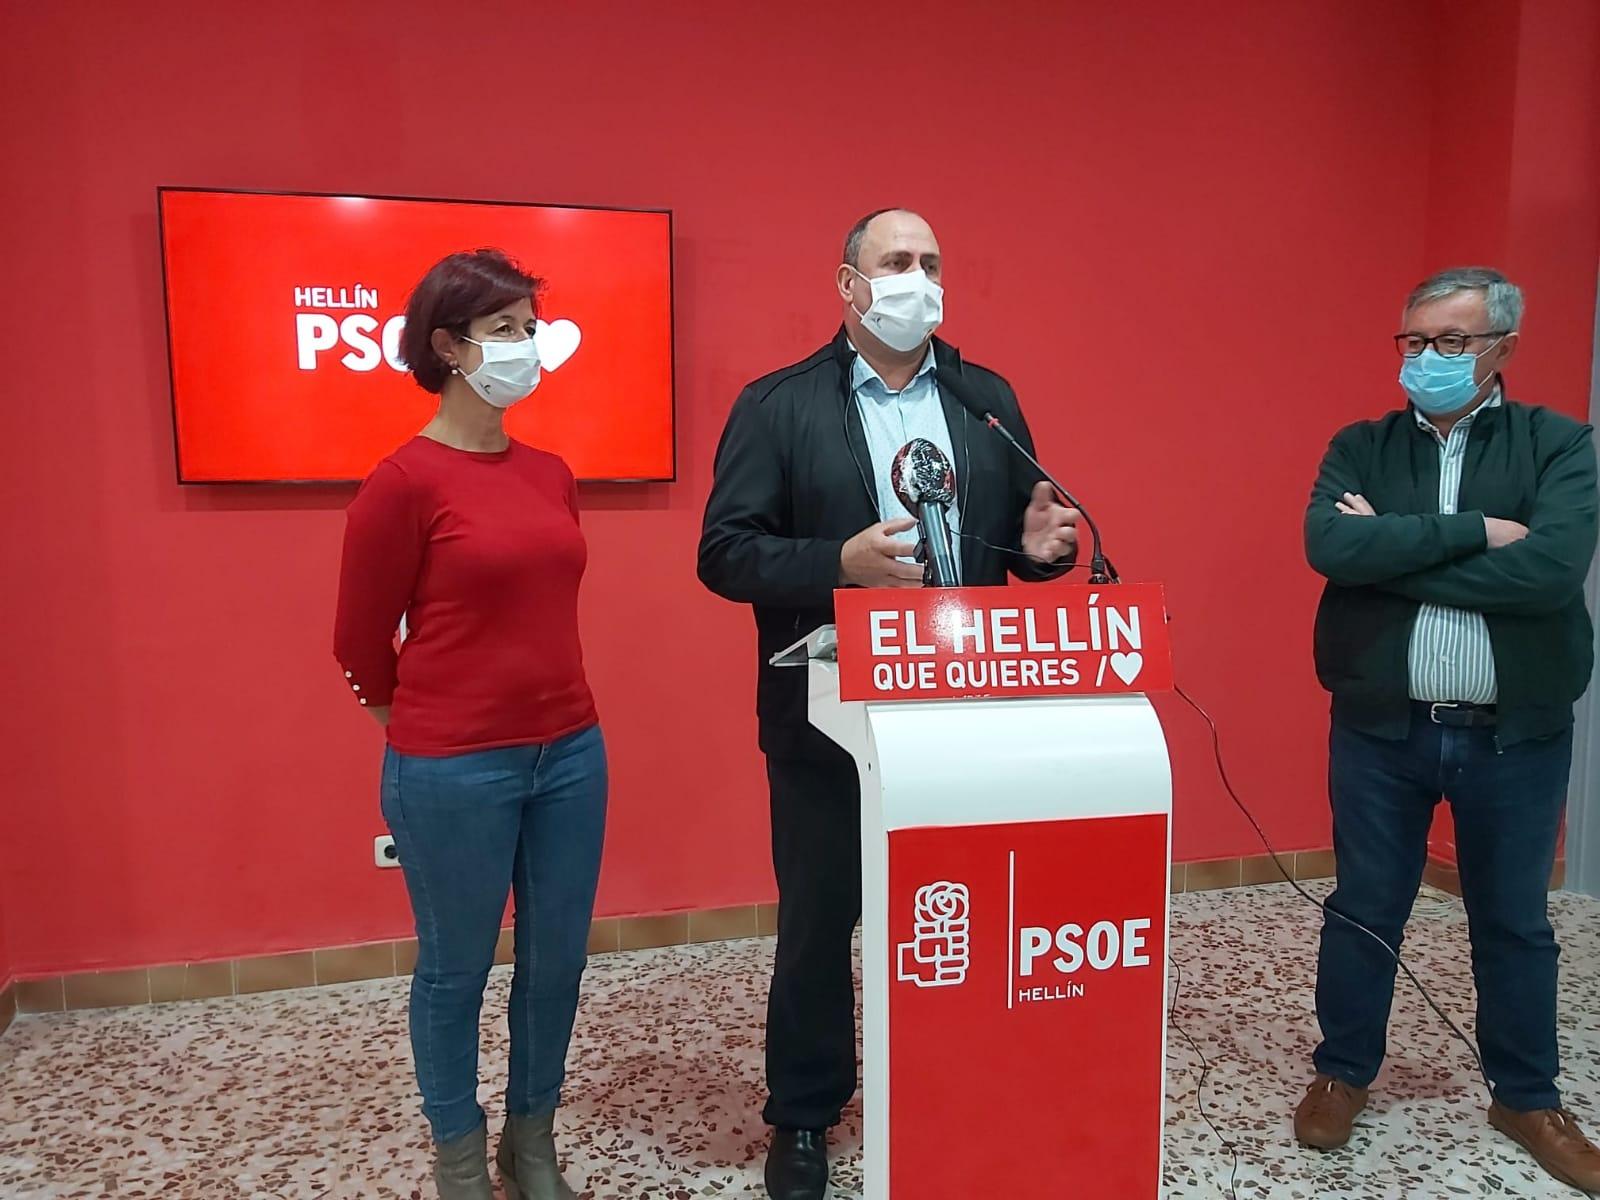 Marisa Sánchez y Julián Martínez subrayan que el Gobierno regional va a destinar 18 millones de euros diarios a Bienestar Social, Educación y Sanidad en Castilla-La Mancha